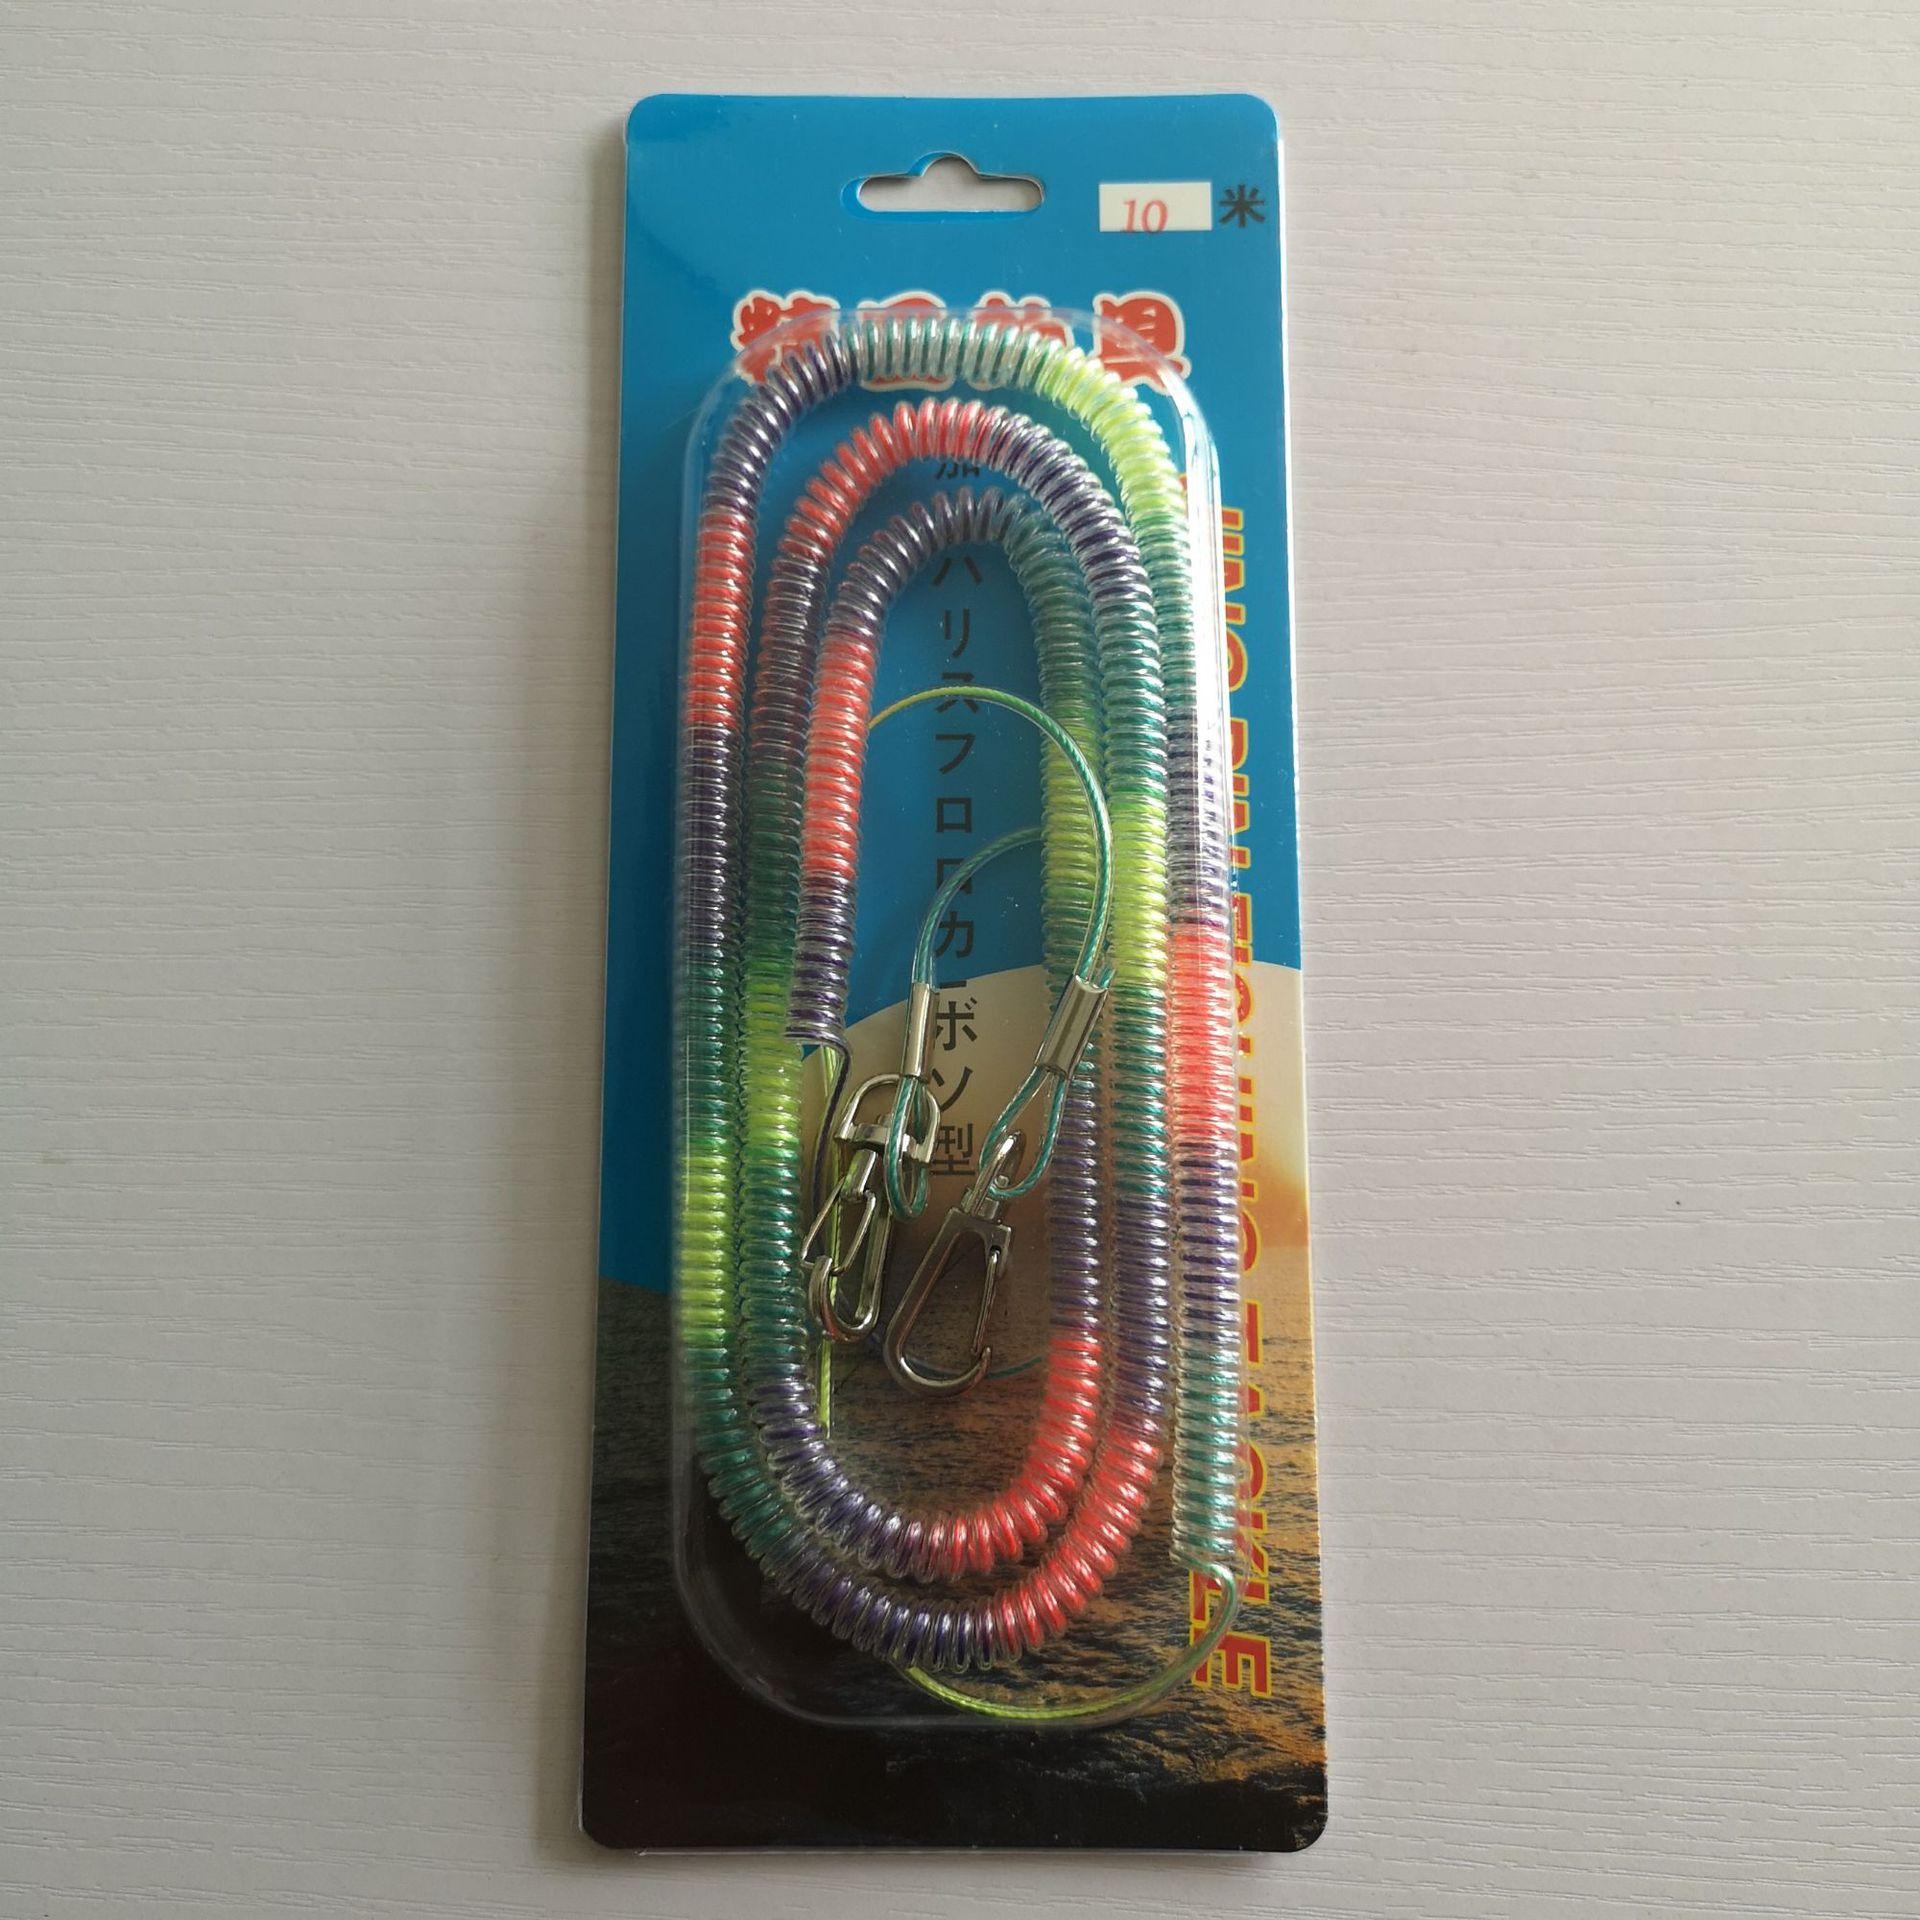 批发七彩线失手绳 伸缩护竿绳 弹簧绳3米—20米渔具配件批发